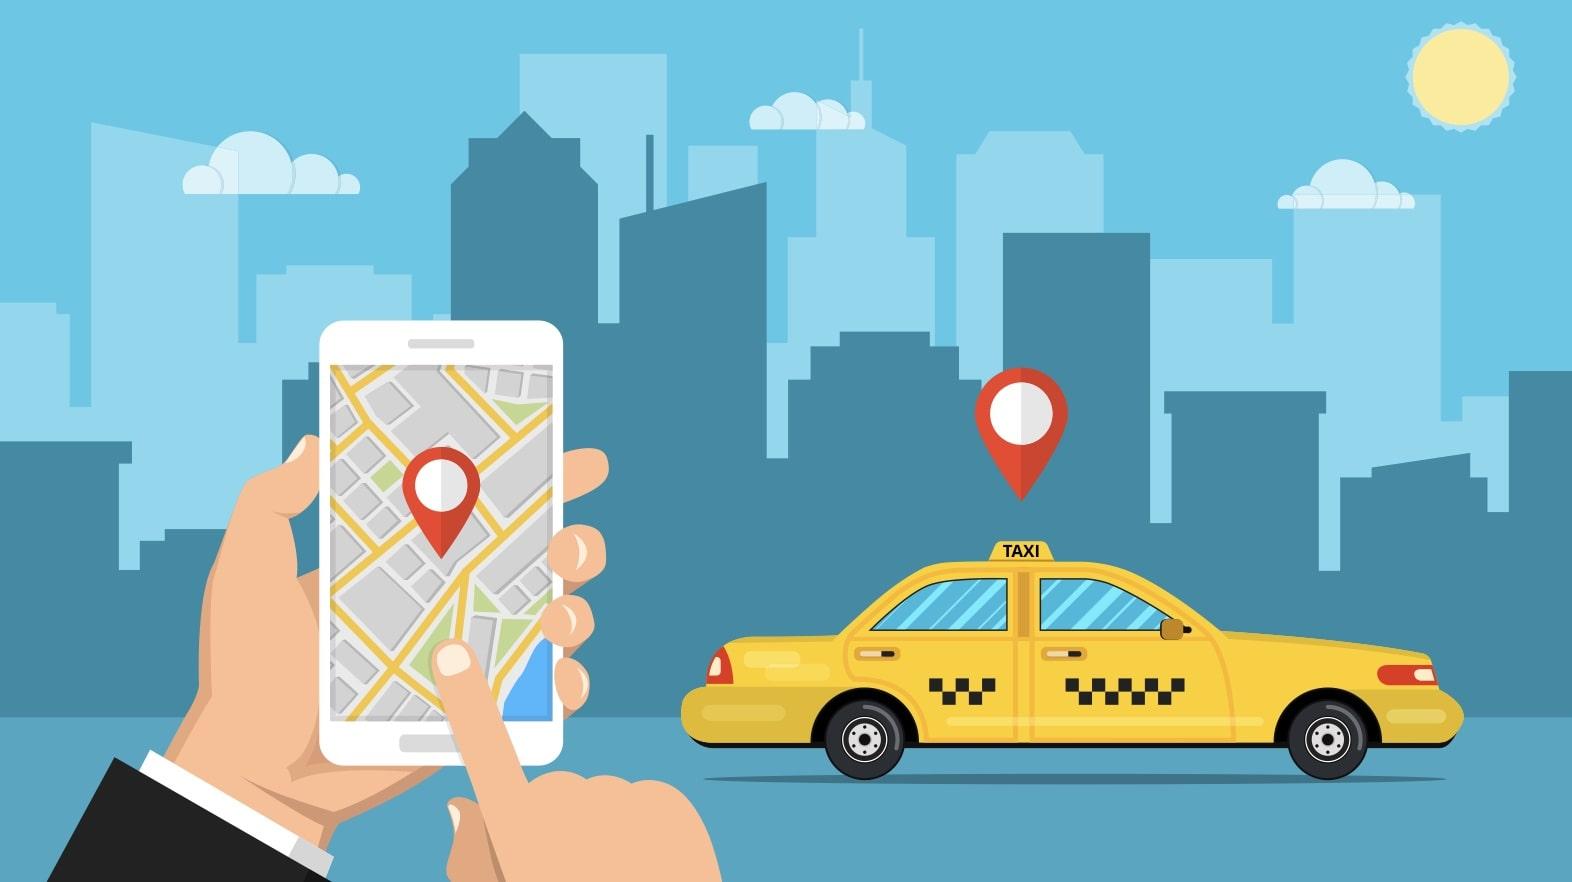 神戸で使えるタクシーアプリとクーポン情報